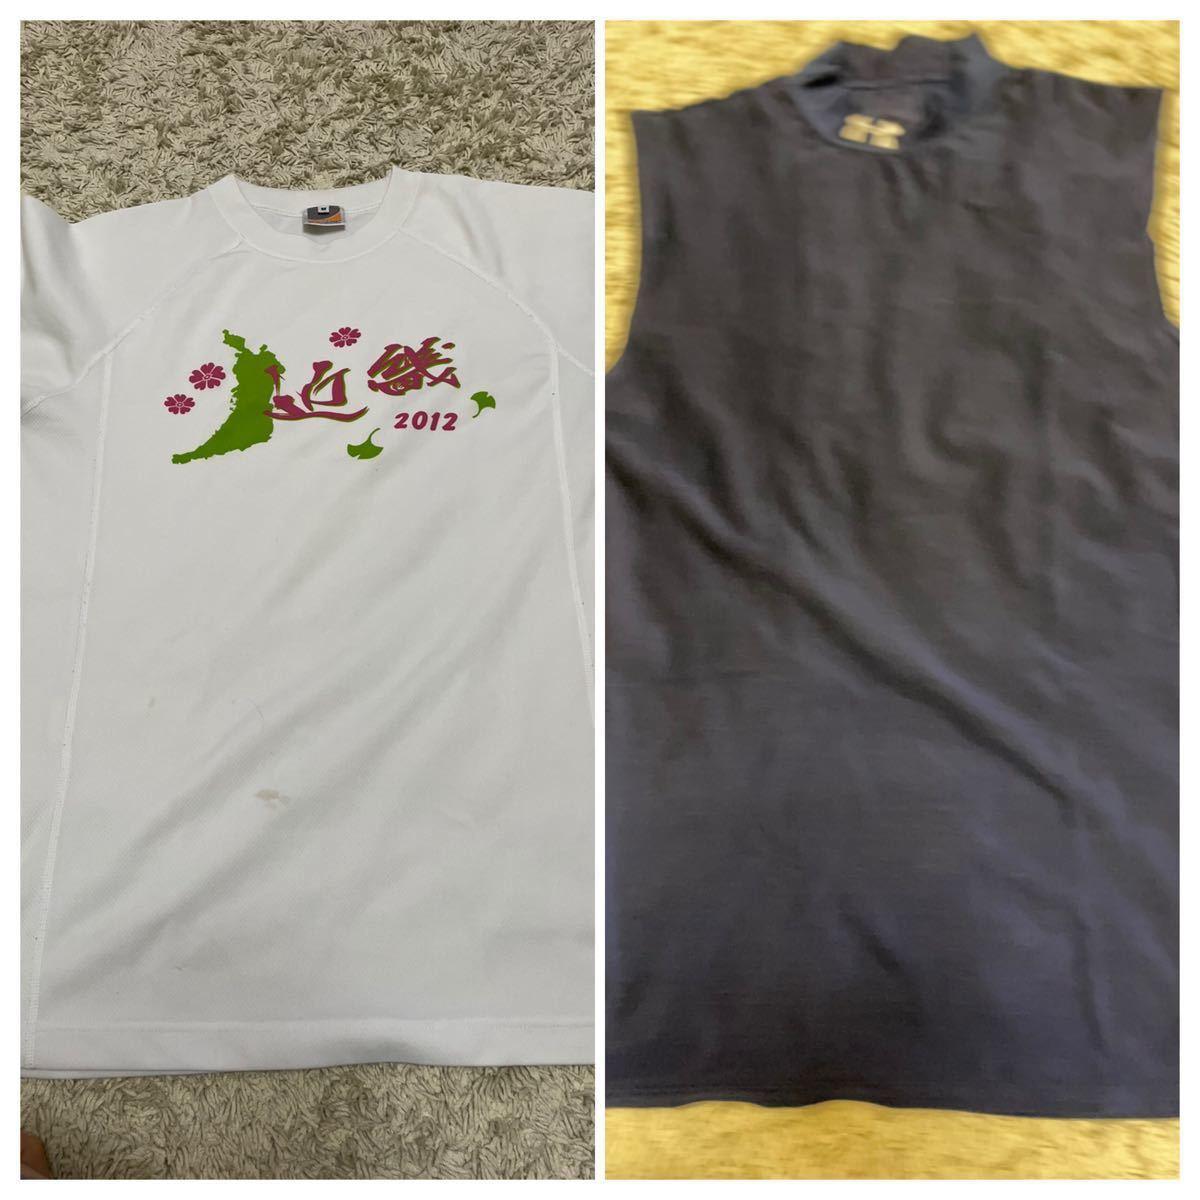 スポーツウェア Tシャツ ロンT ロングスリーブ まとめ売り adidas デサント アンダーアーマー NIKE ナイキ